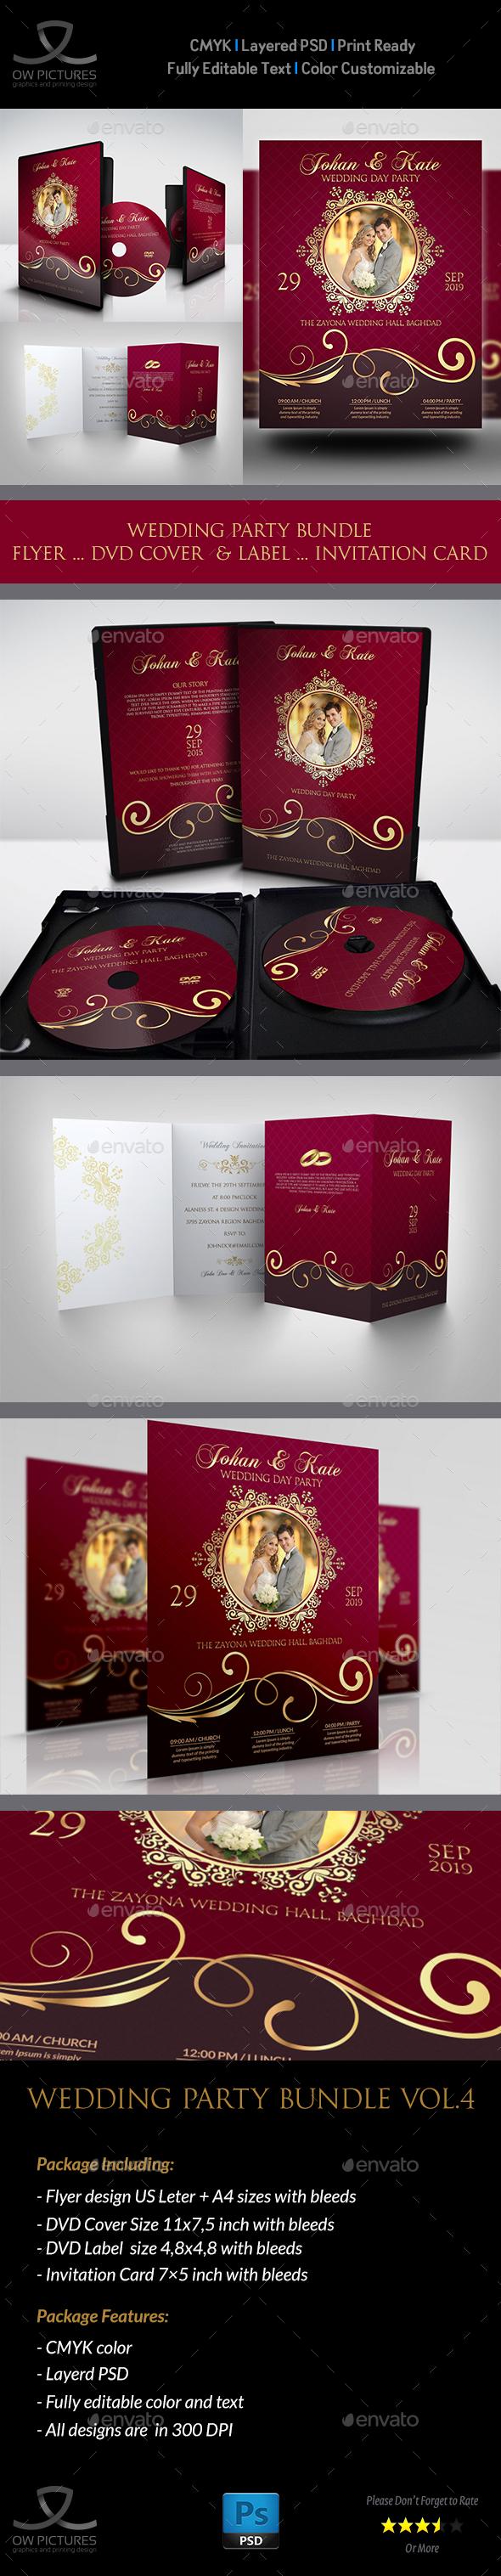 Wedding Party Bundle Vol.4